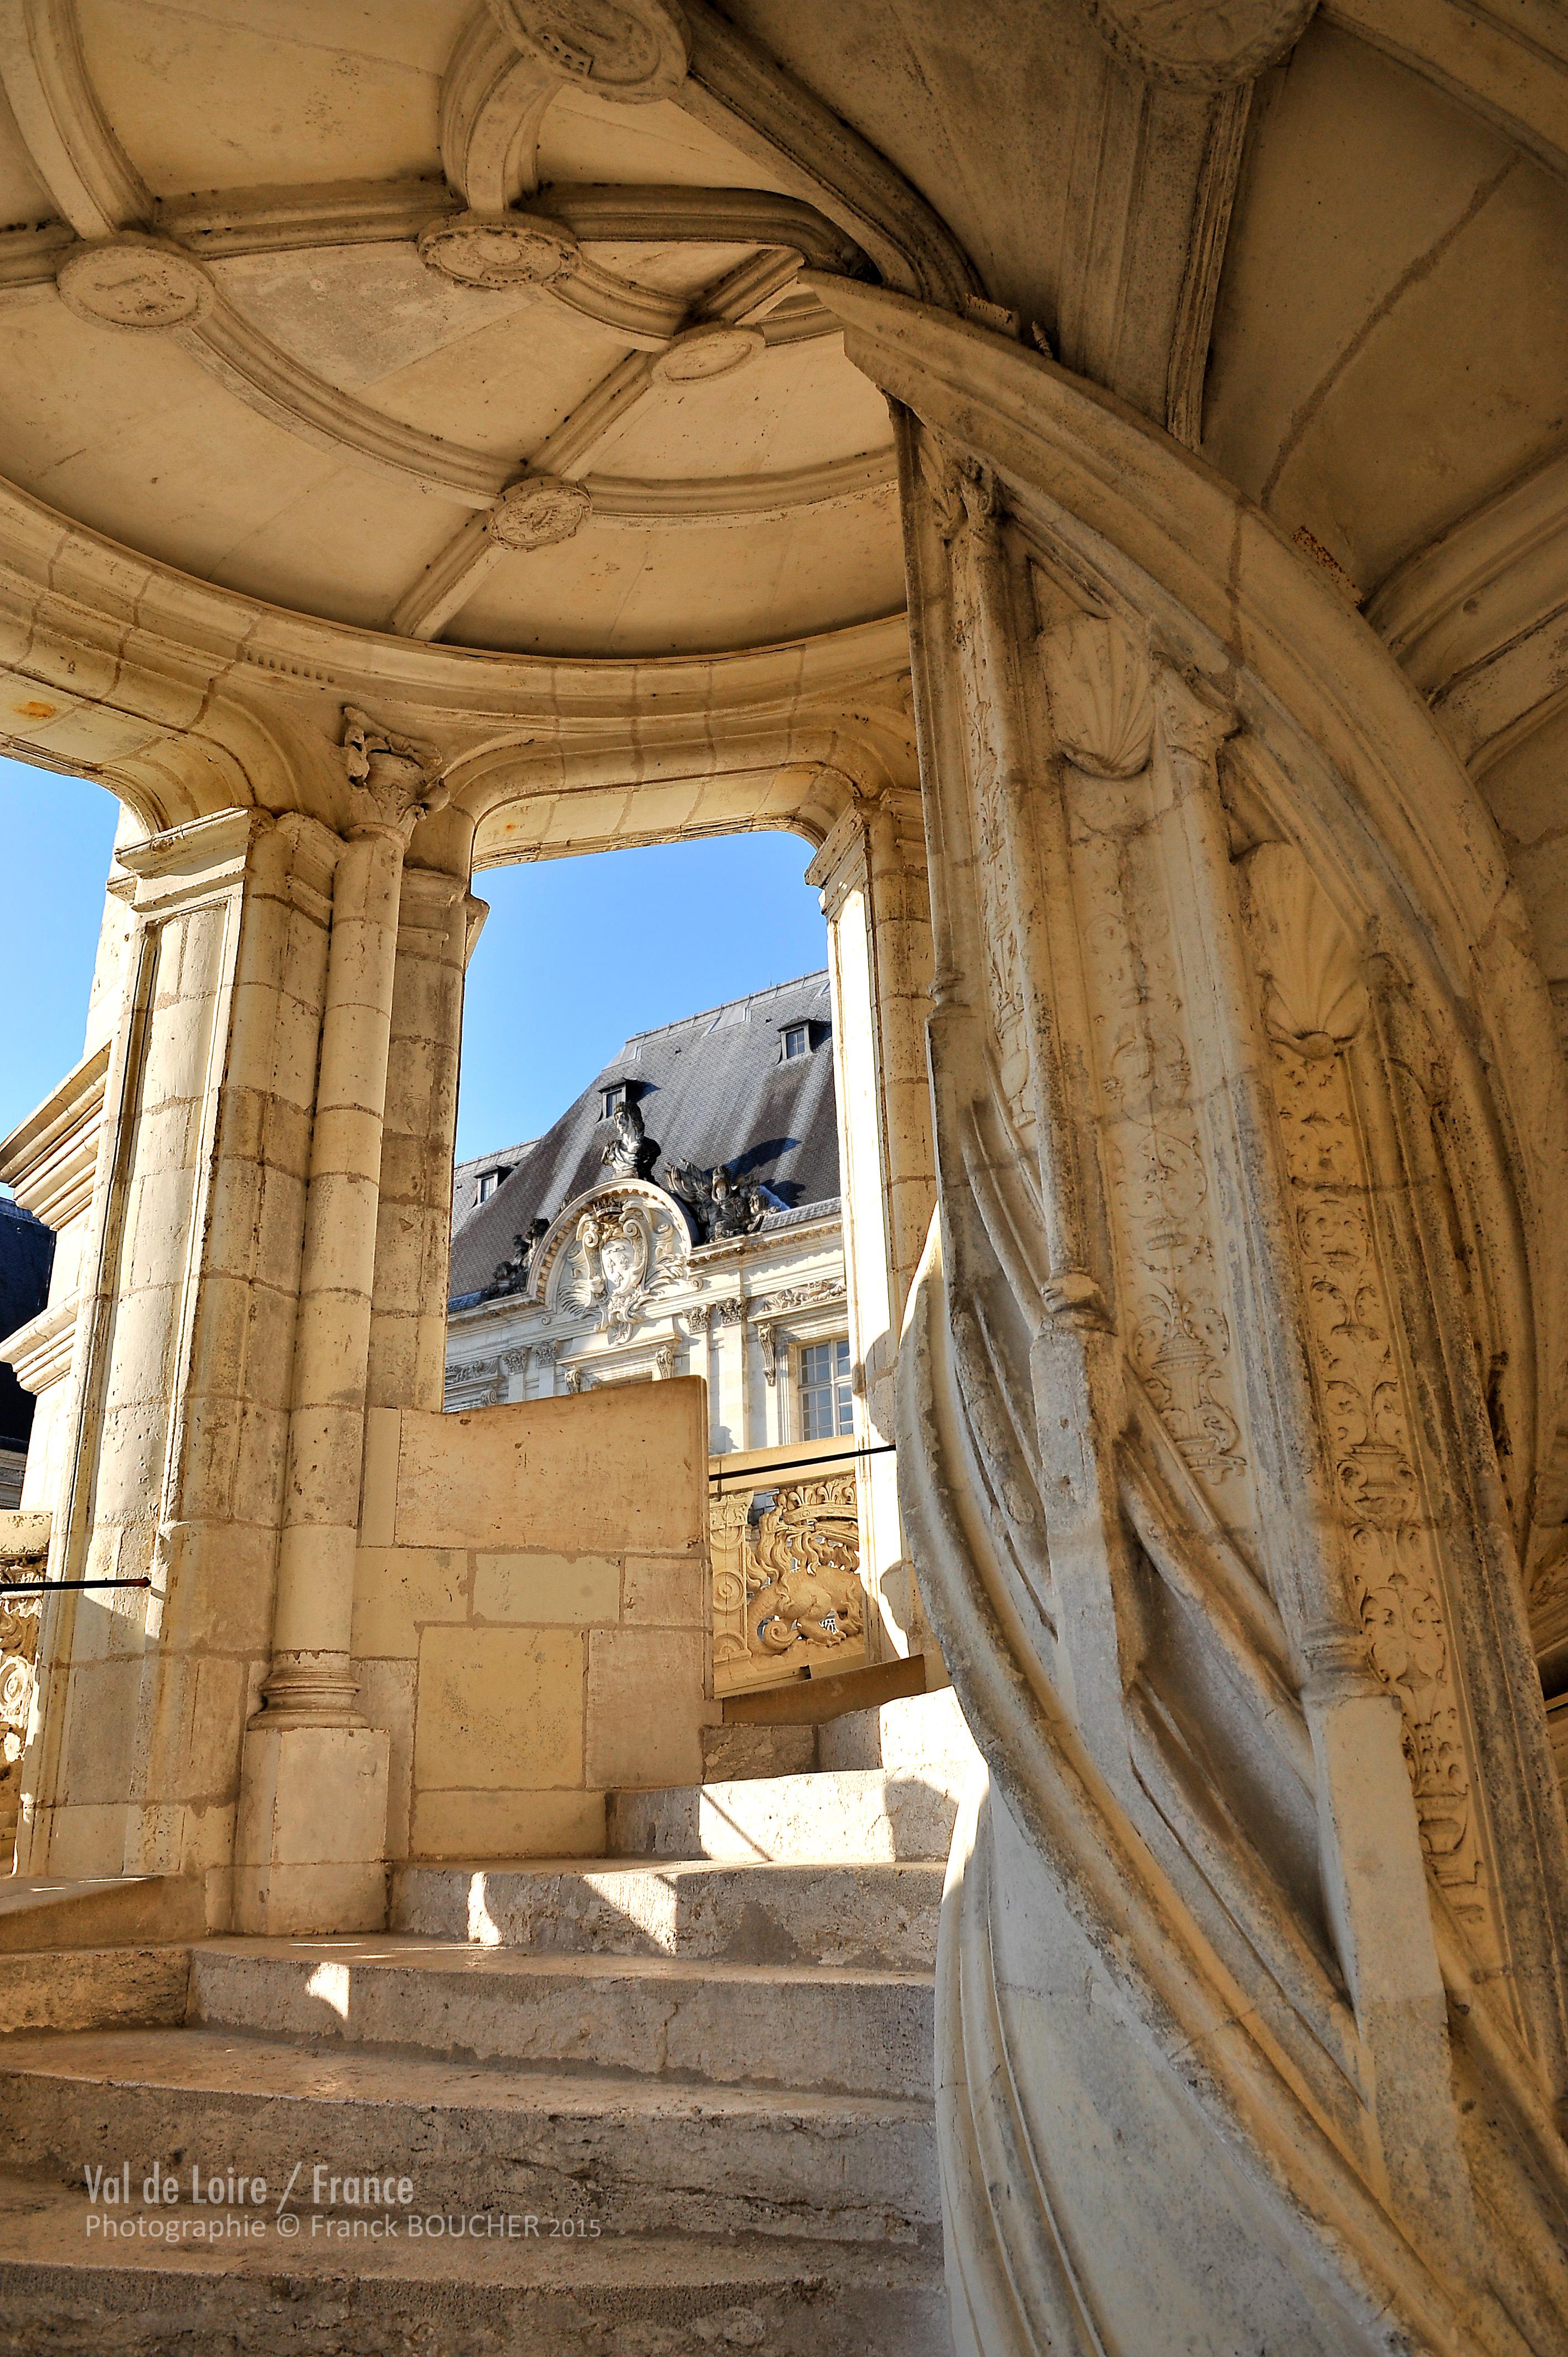 ref-F-boucher-2011-escalier-blois-montage-1